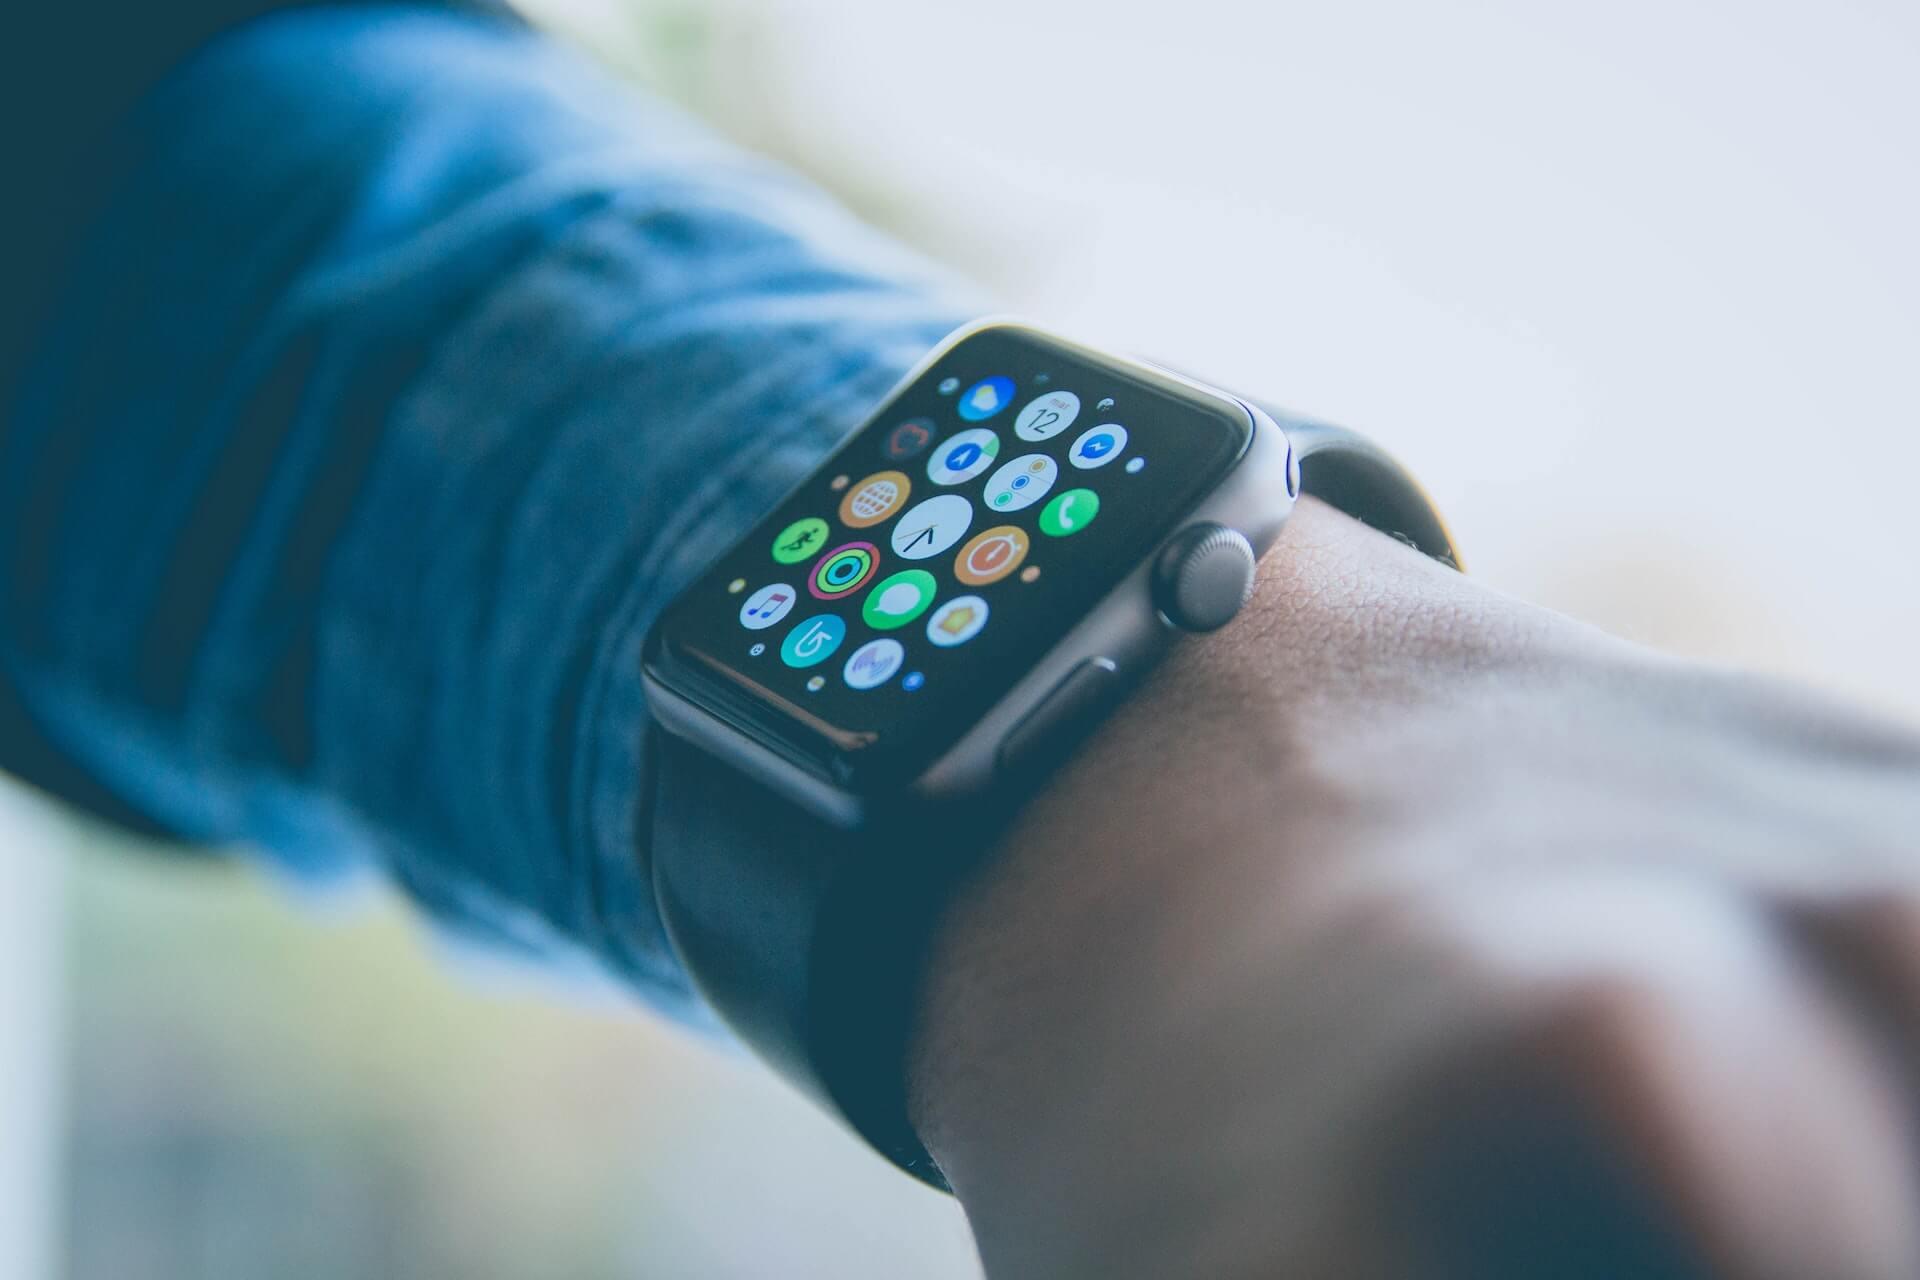 ついに!数々の命を救ったApple Watchの心電図機能が日本でも利用可能に? tech200608_applewatch_main